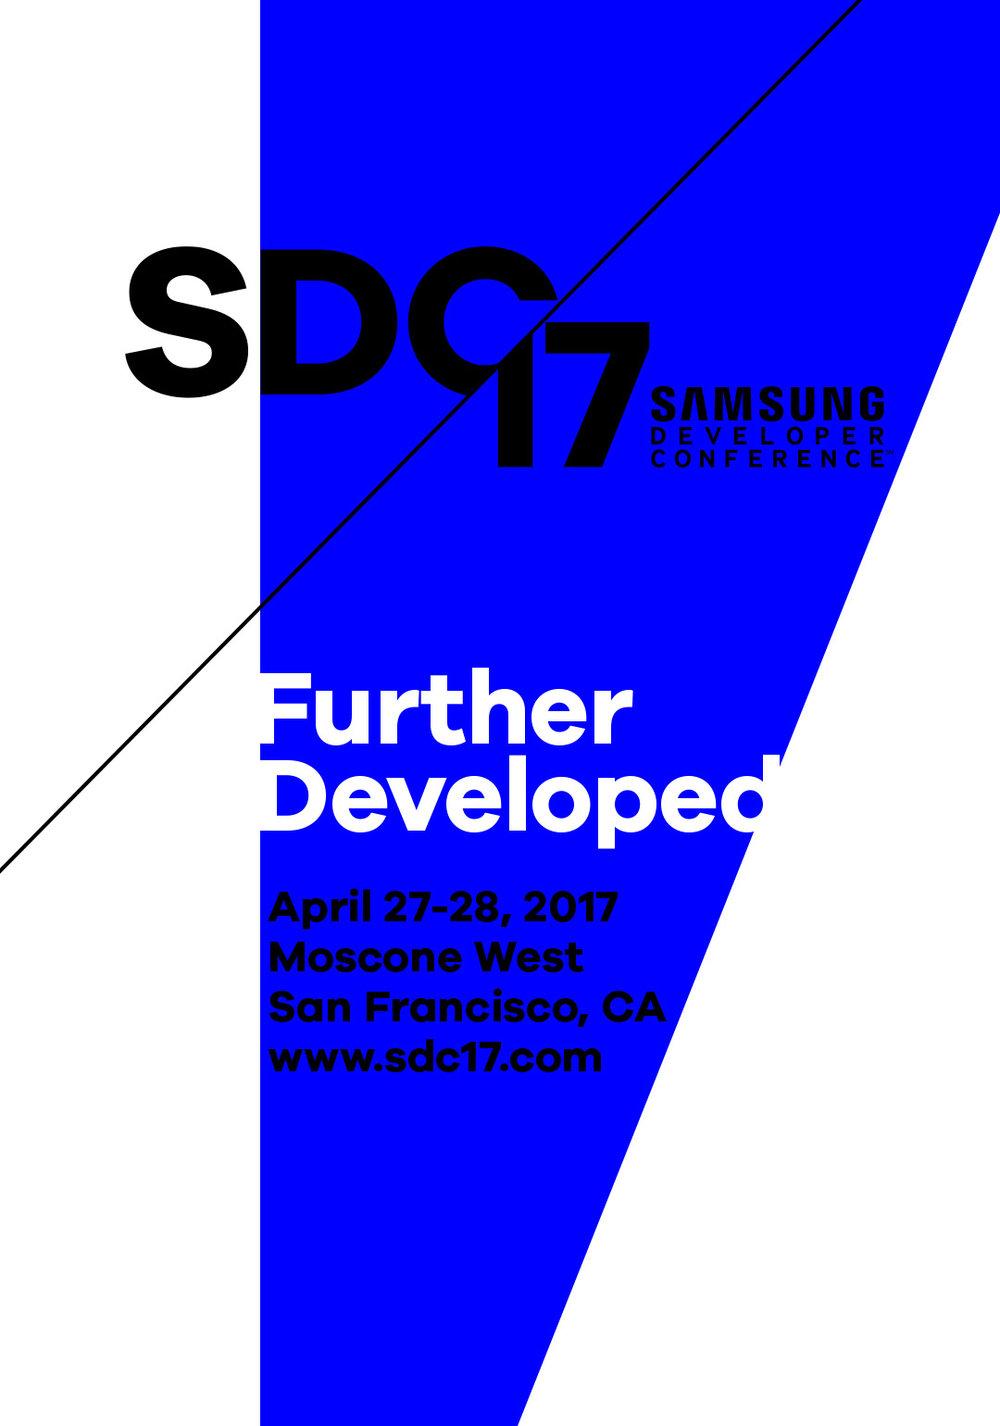 SDC17_FWD_3_BusStopAd_v02.jpg